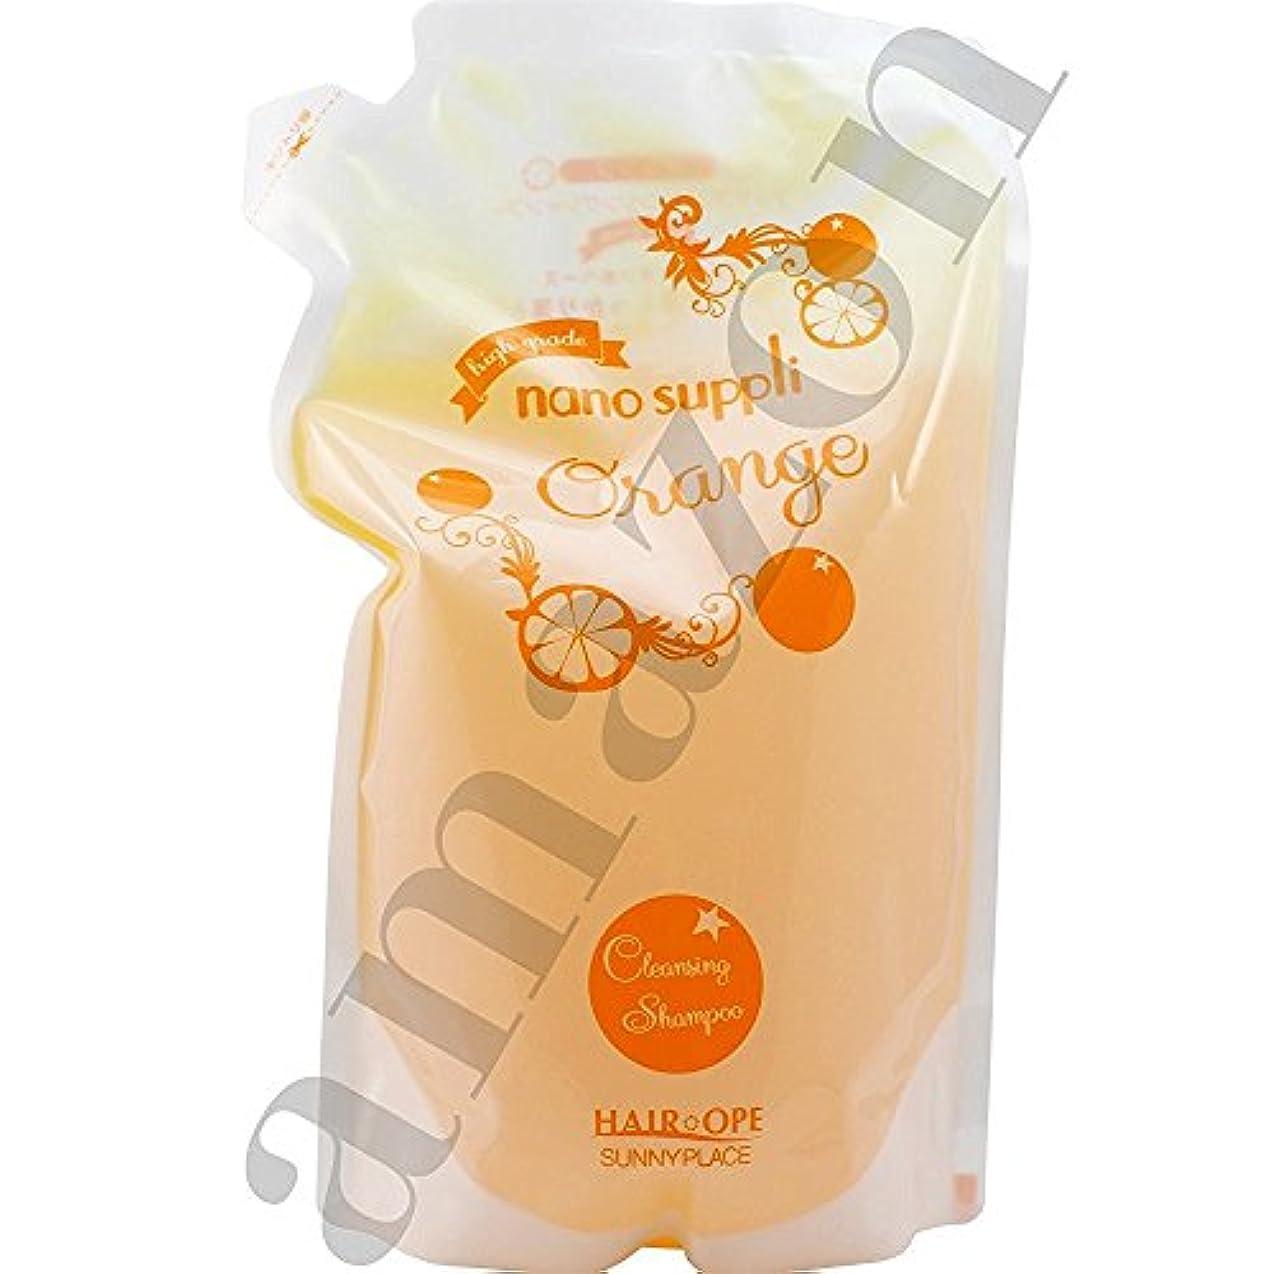 満足できる変位アーネストシャクルトンサニープレイス ナノサプリ クレンジングシャンプー オレンジ 800ml [5個セット]